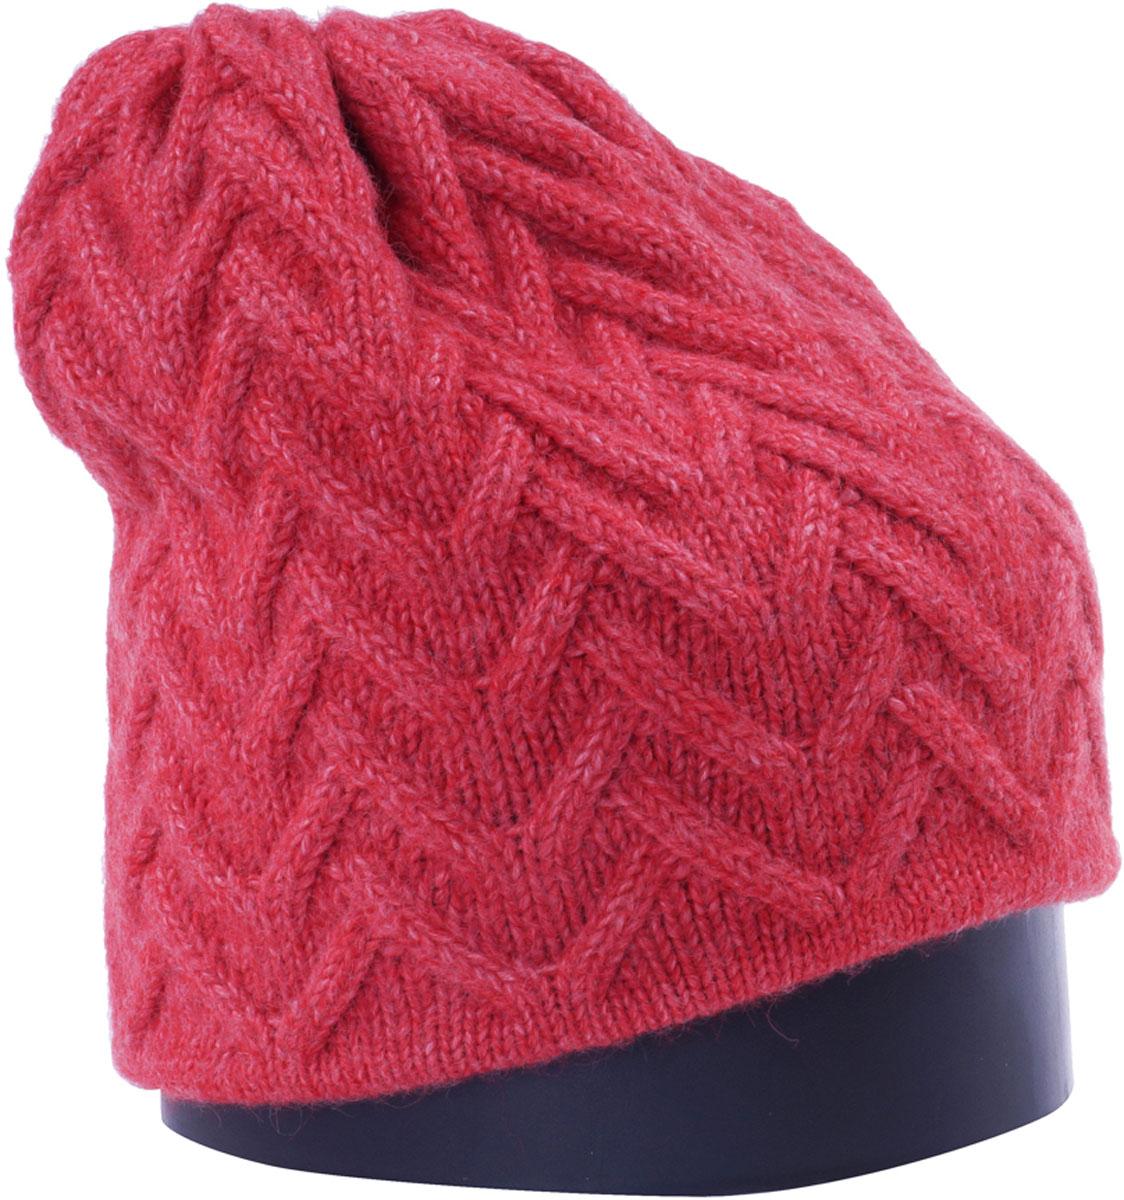 Шапка женская Vittorio Richi, цвет: коралловый. Aut141936V-28/17. Размер 56/58 шапка женская vittorio richi цвет коралловый nsh170778 размер 58 60